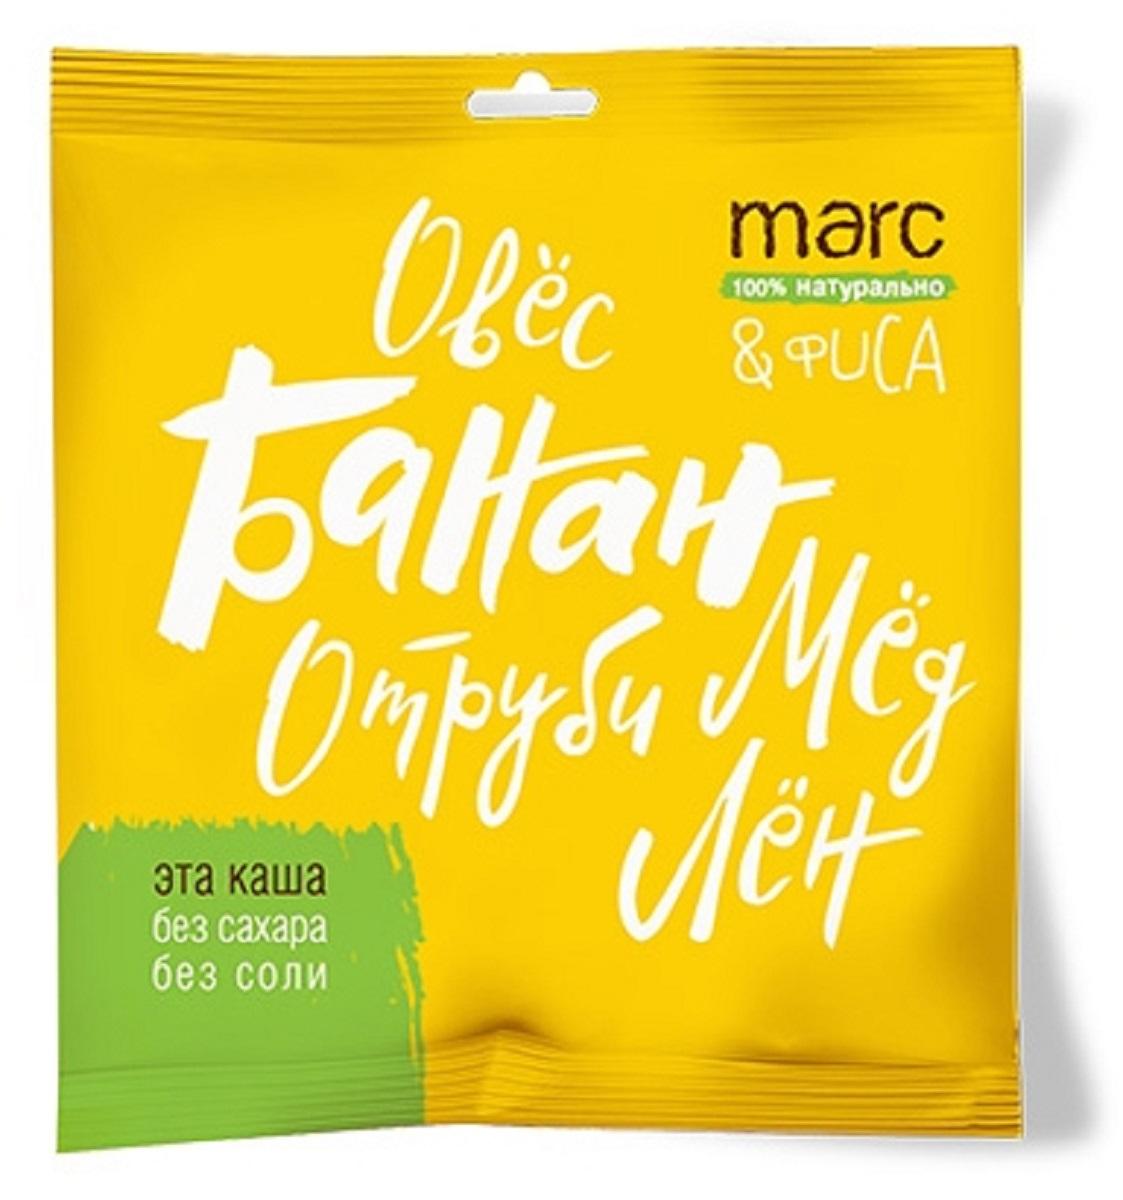 Marc&Фиса Каша банан и мед, 44 г2850Быстрого приготовления. В основе овес, лен и овсяные отруби. Не содержат жир, сахар и ароматизаторы. Сбалансированный источник клетчатки и Омега 3-6-9. Порция на одного.